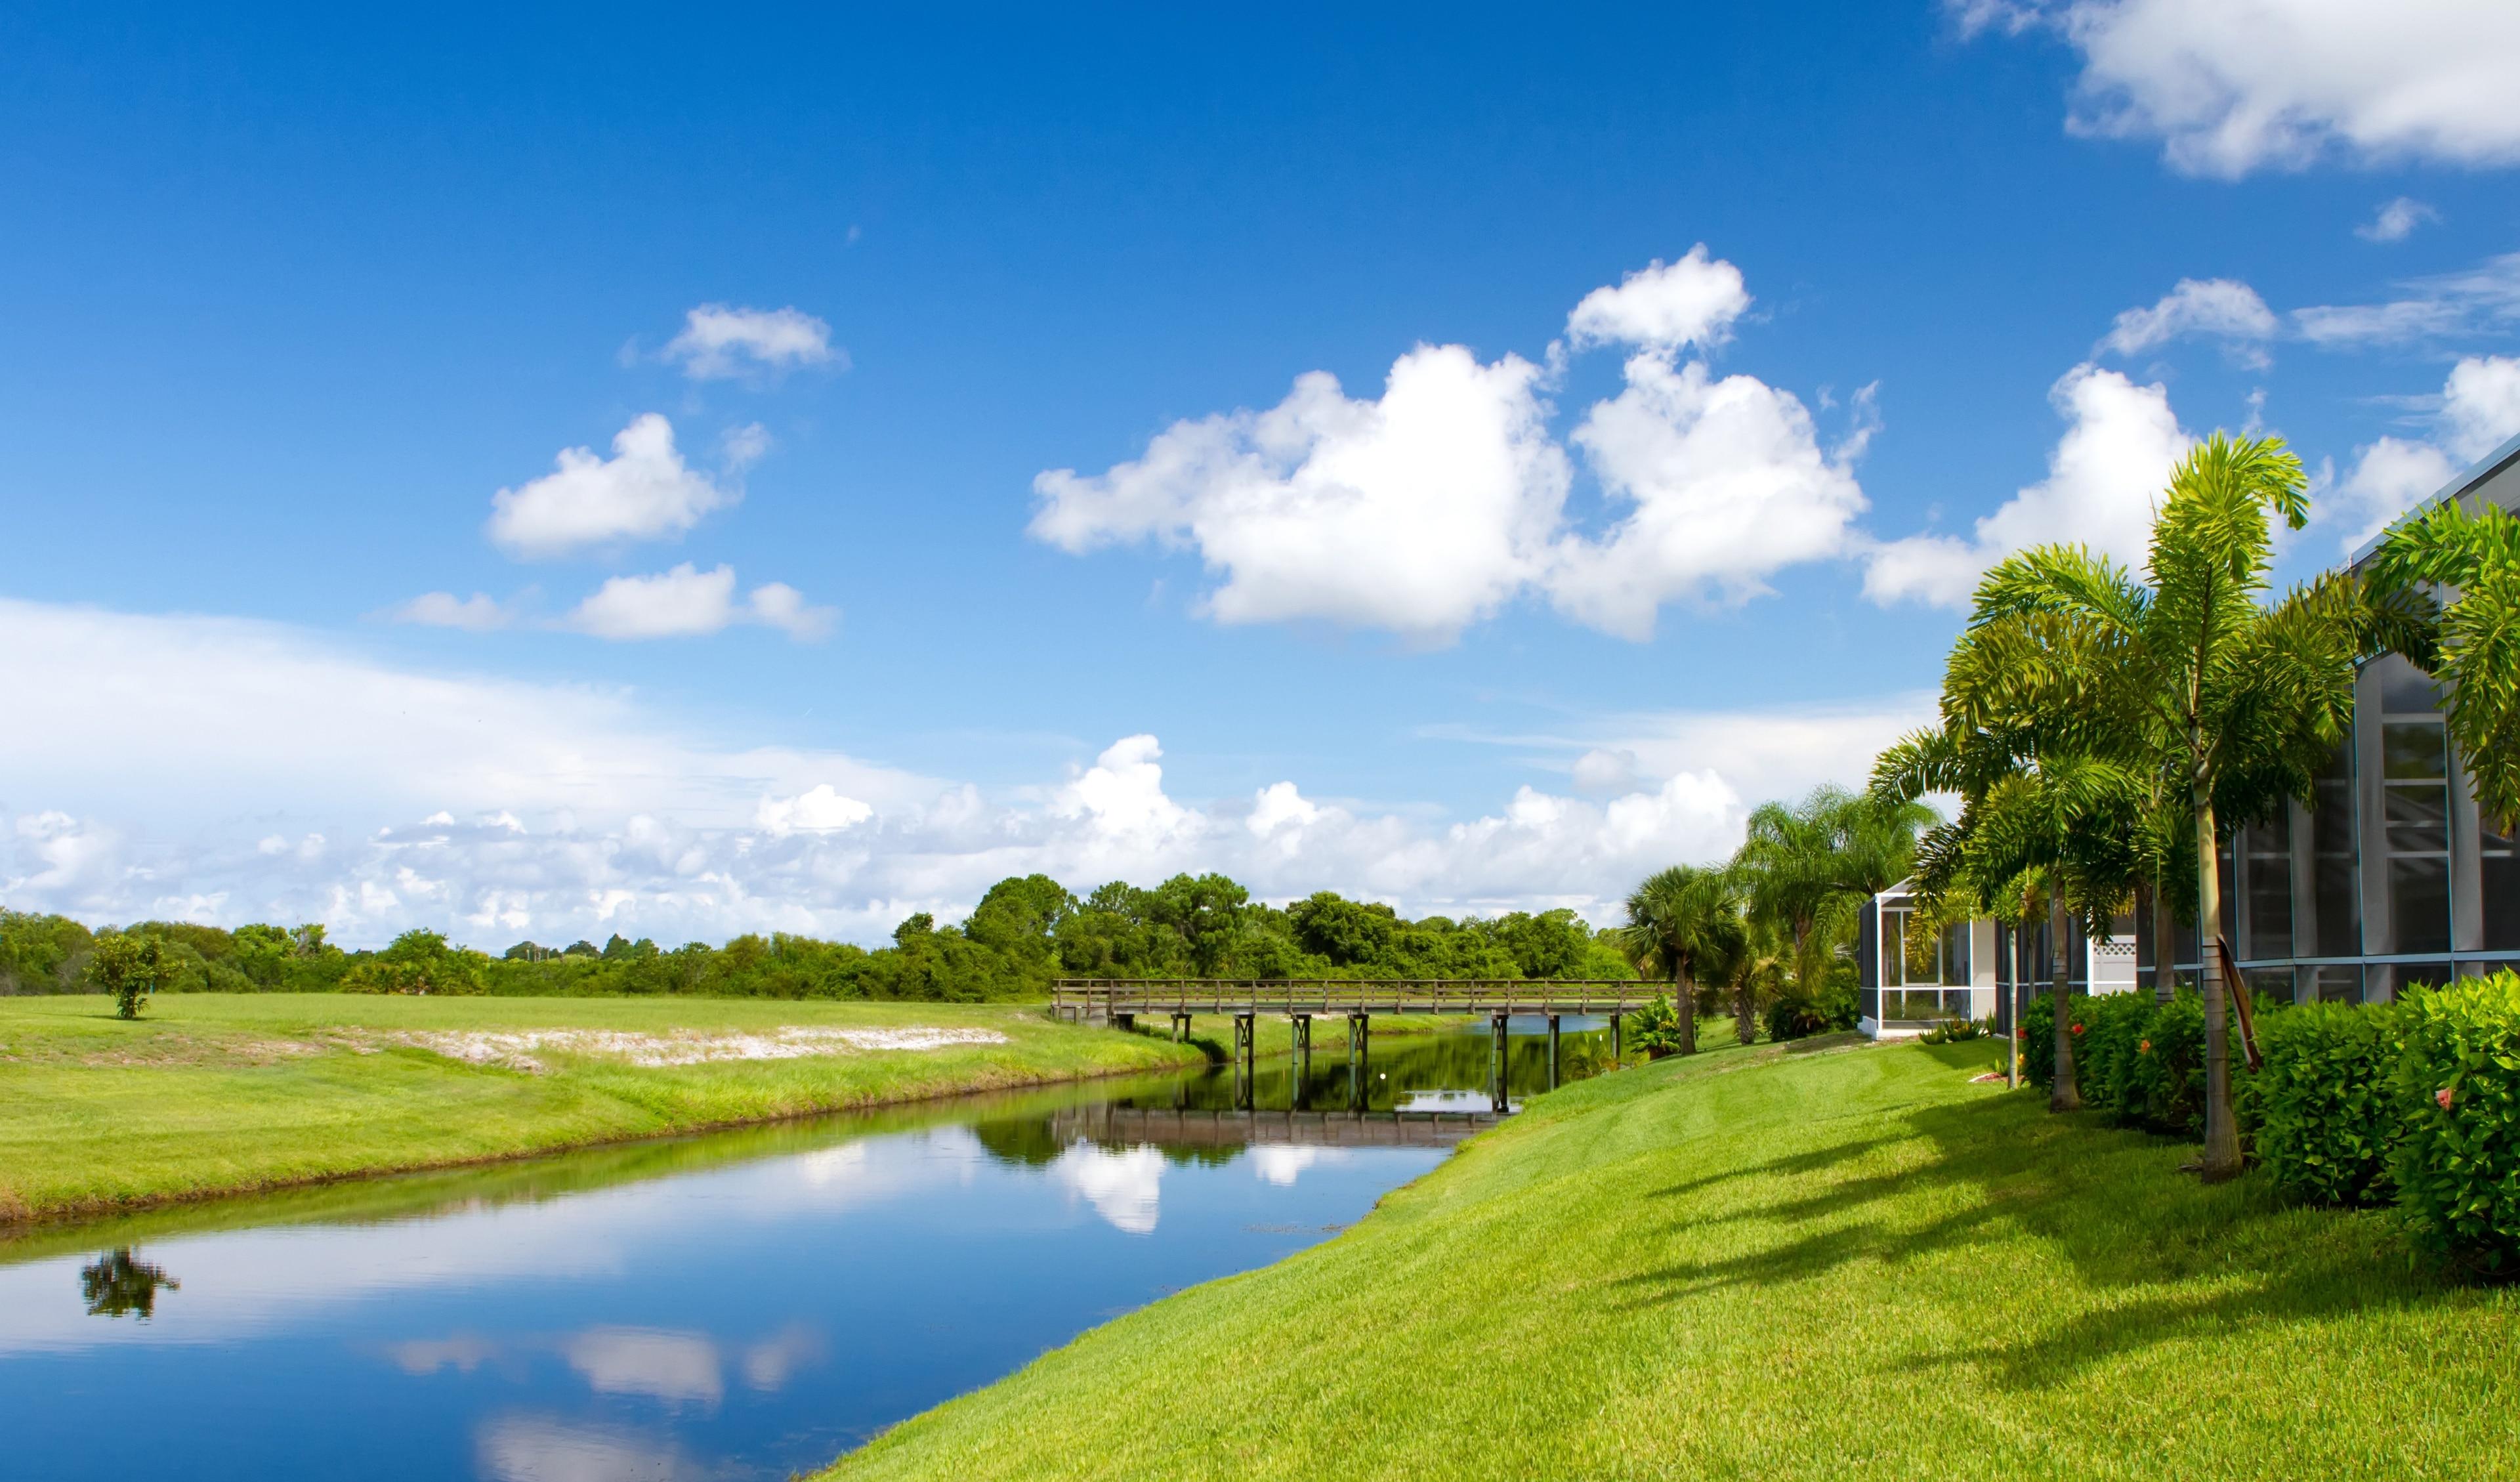 White Marsh, Rotonda West, Florida, United States of America